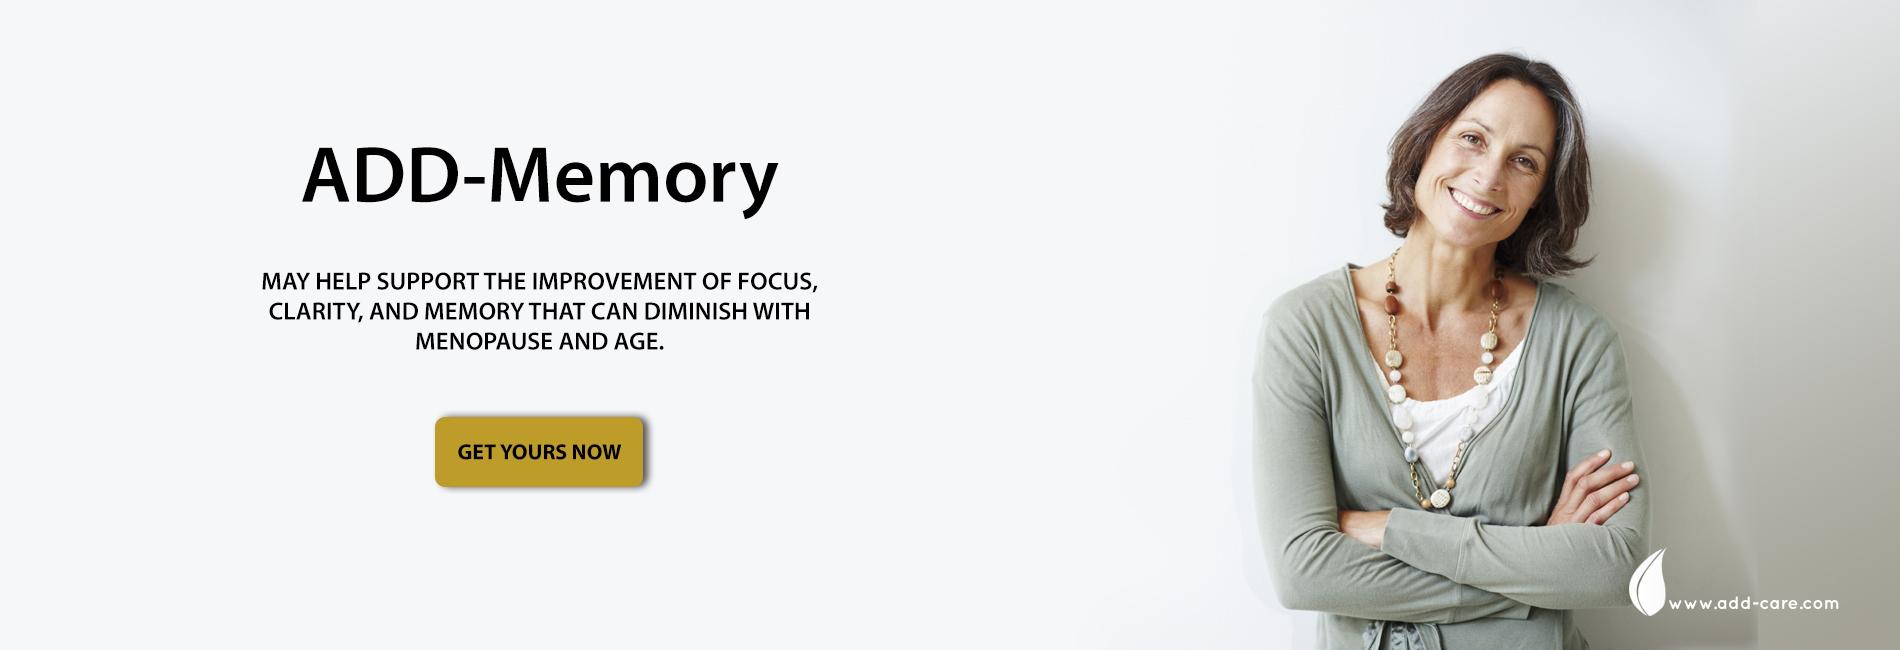 Add-Memory-add-care